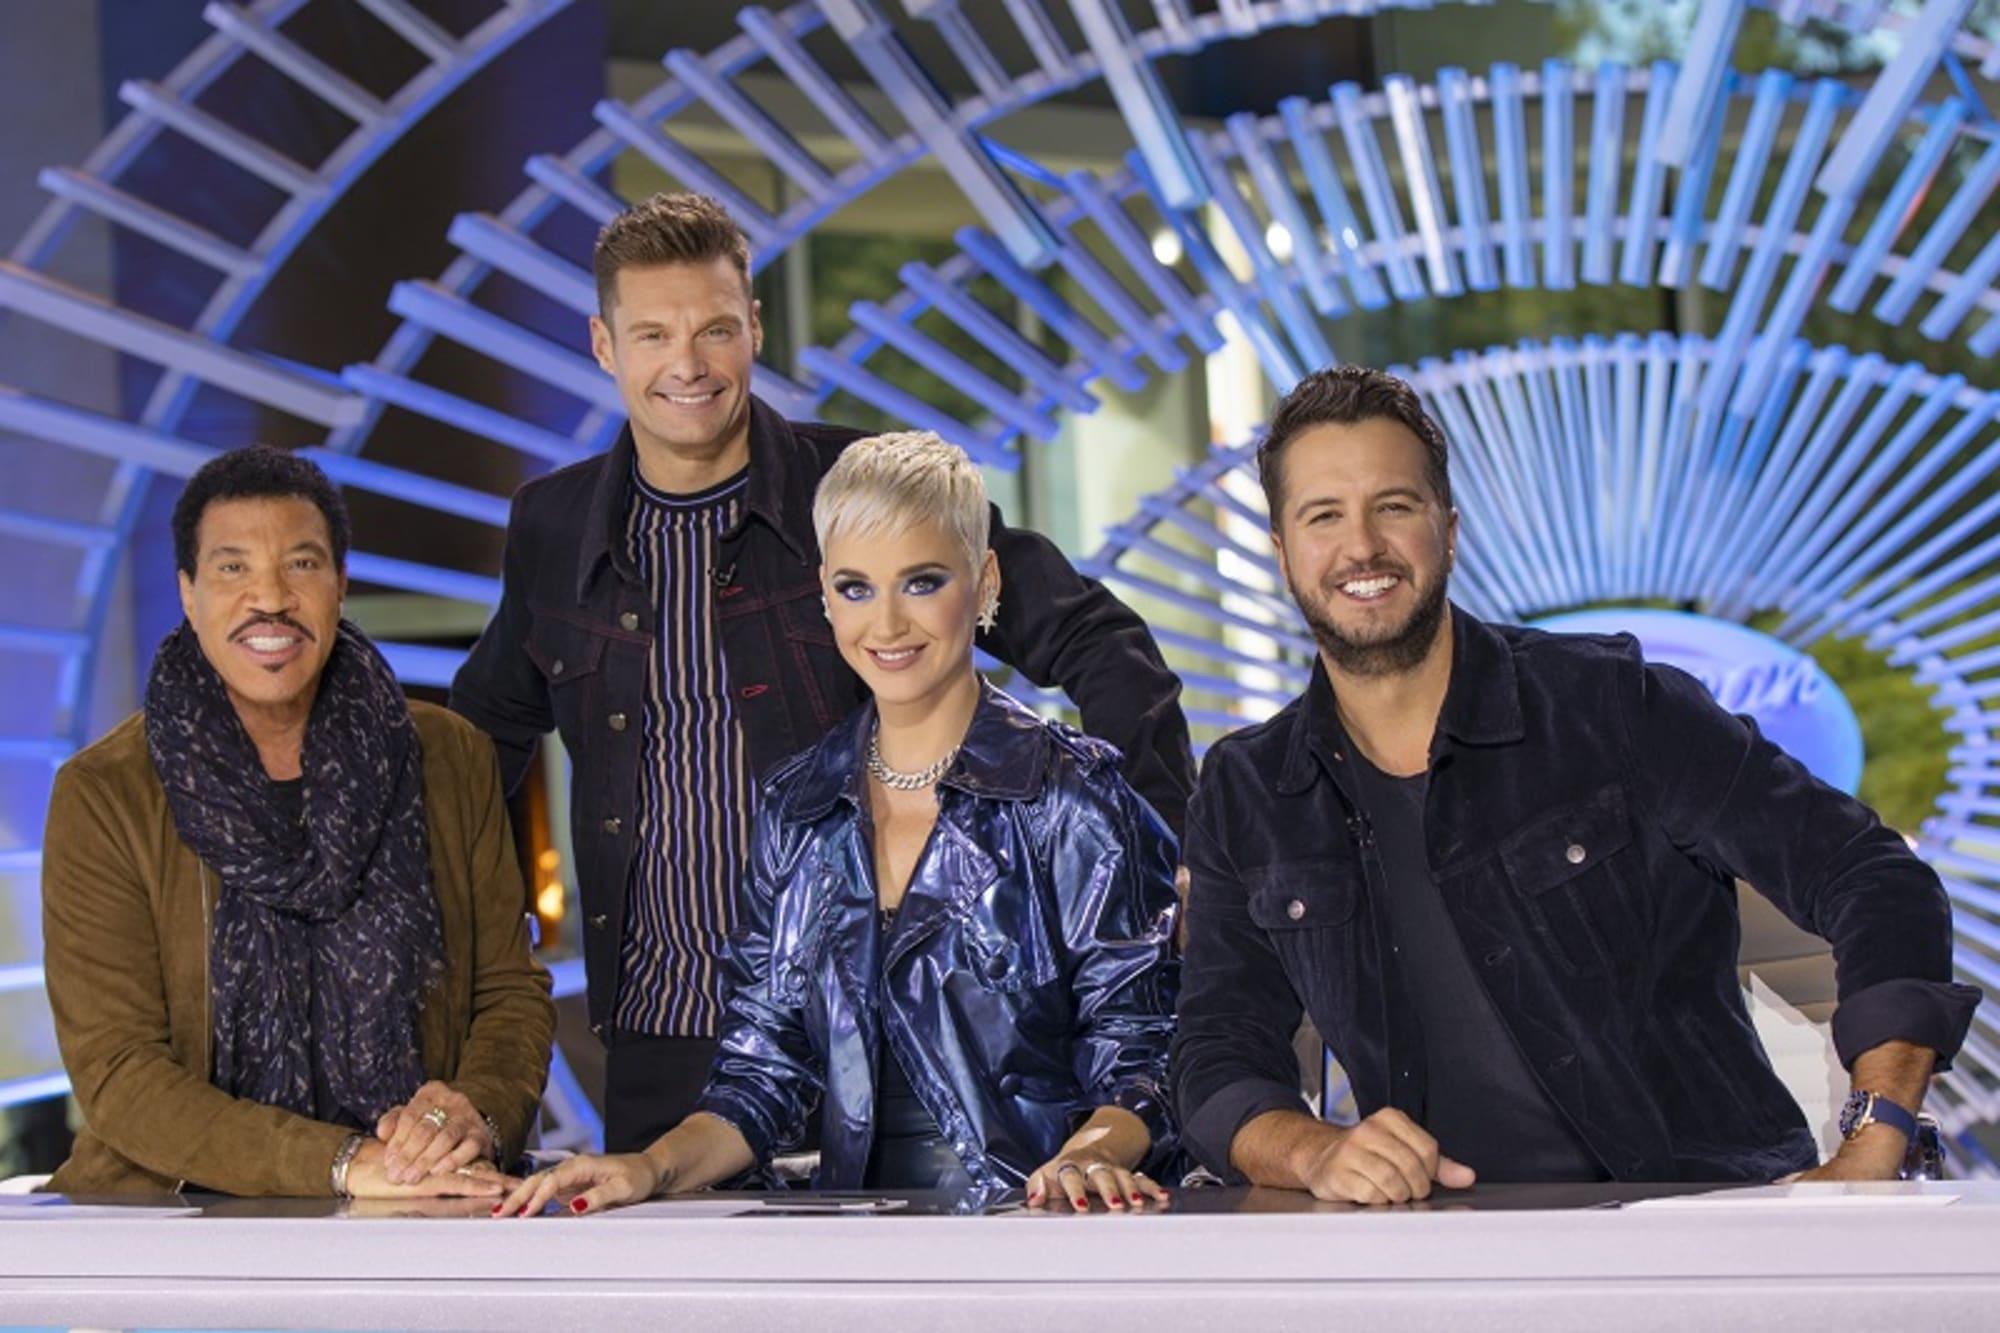 American Idol Season 17 Finale Live Stream Watch Idol Finale Online